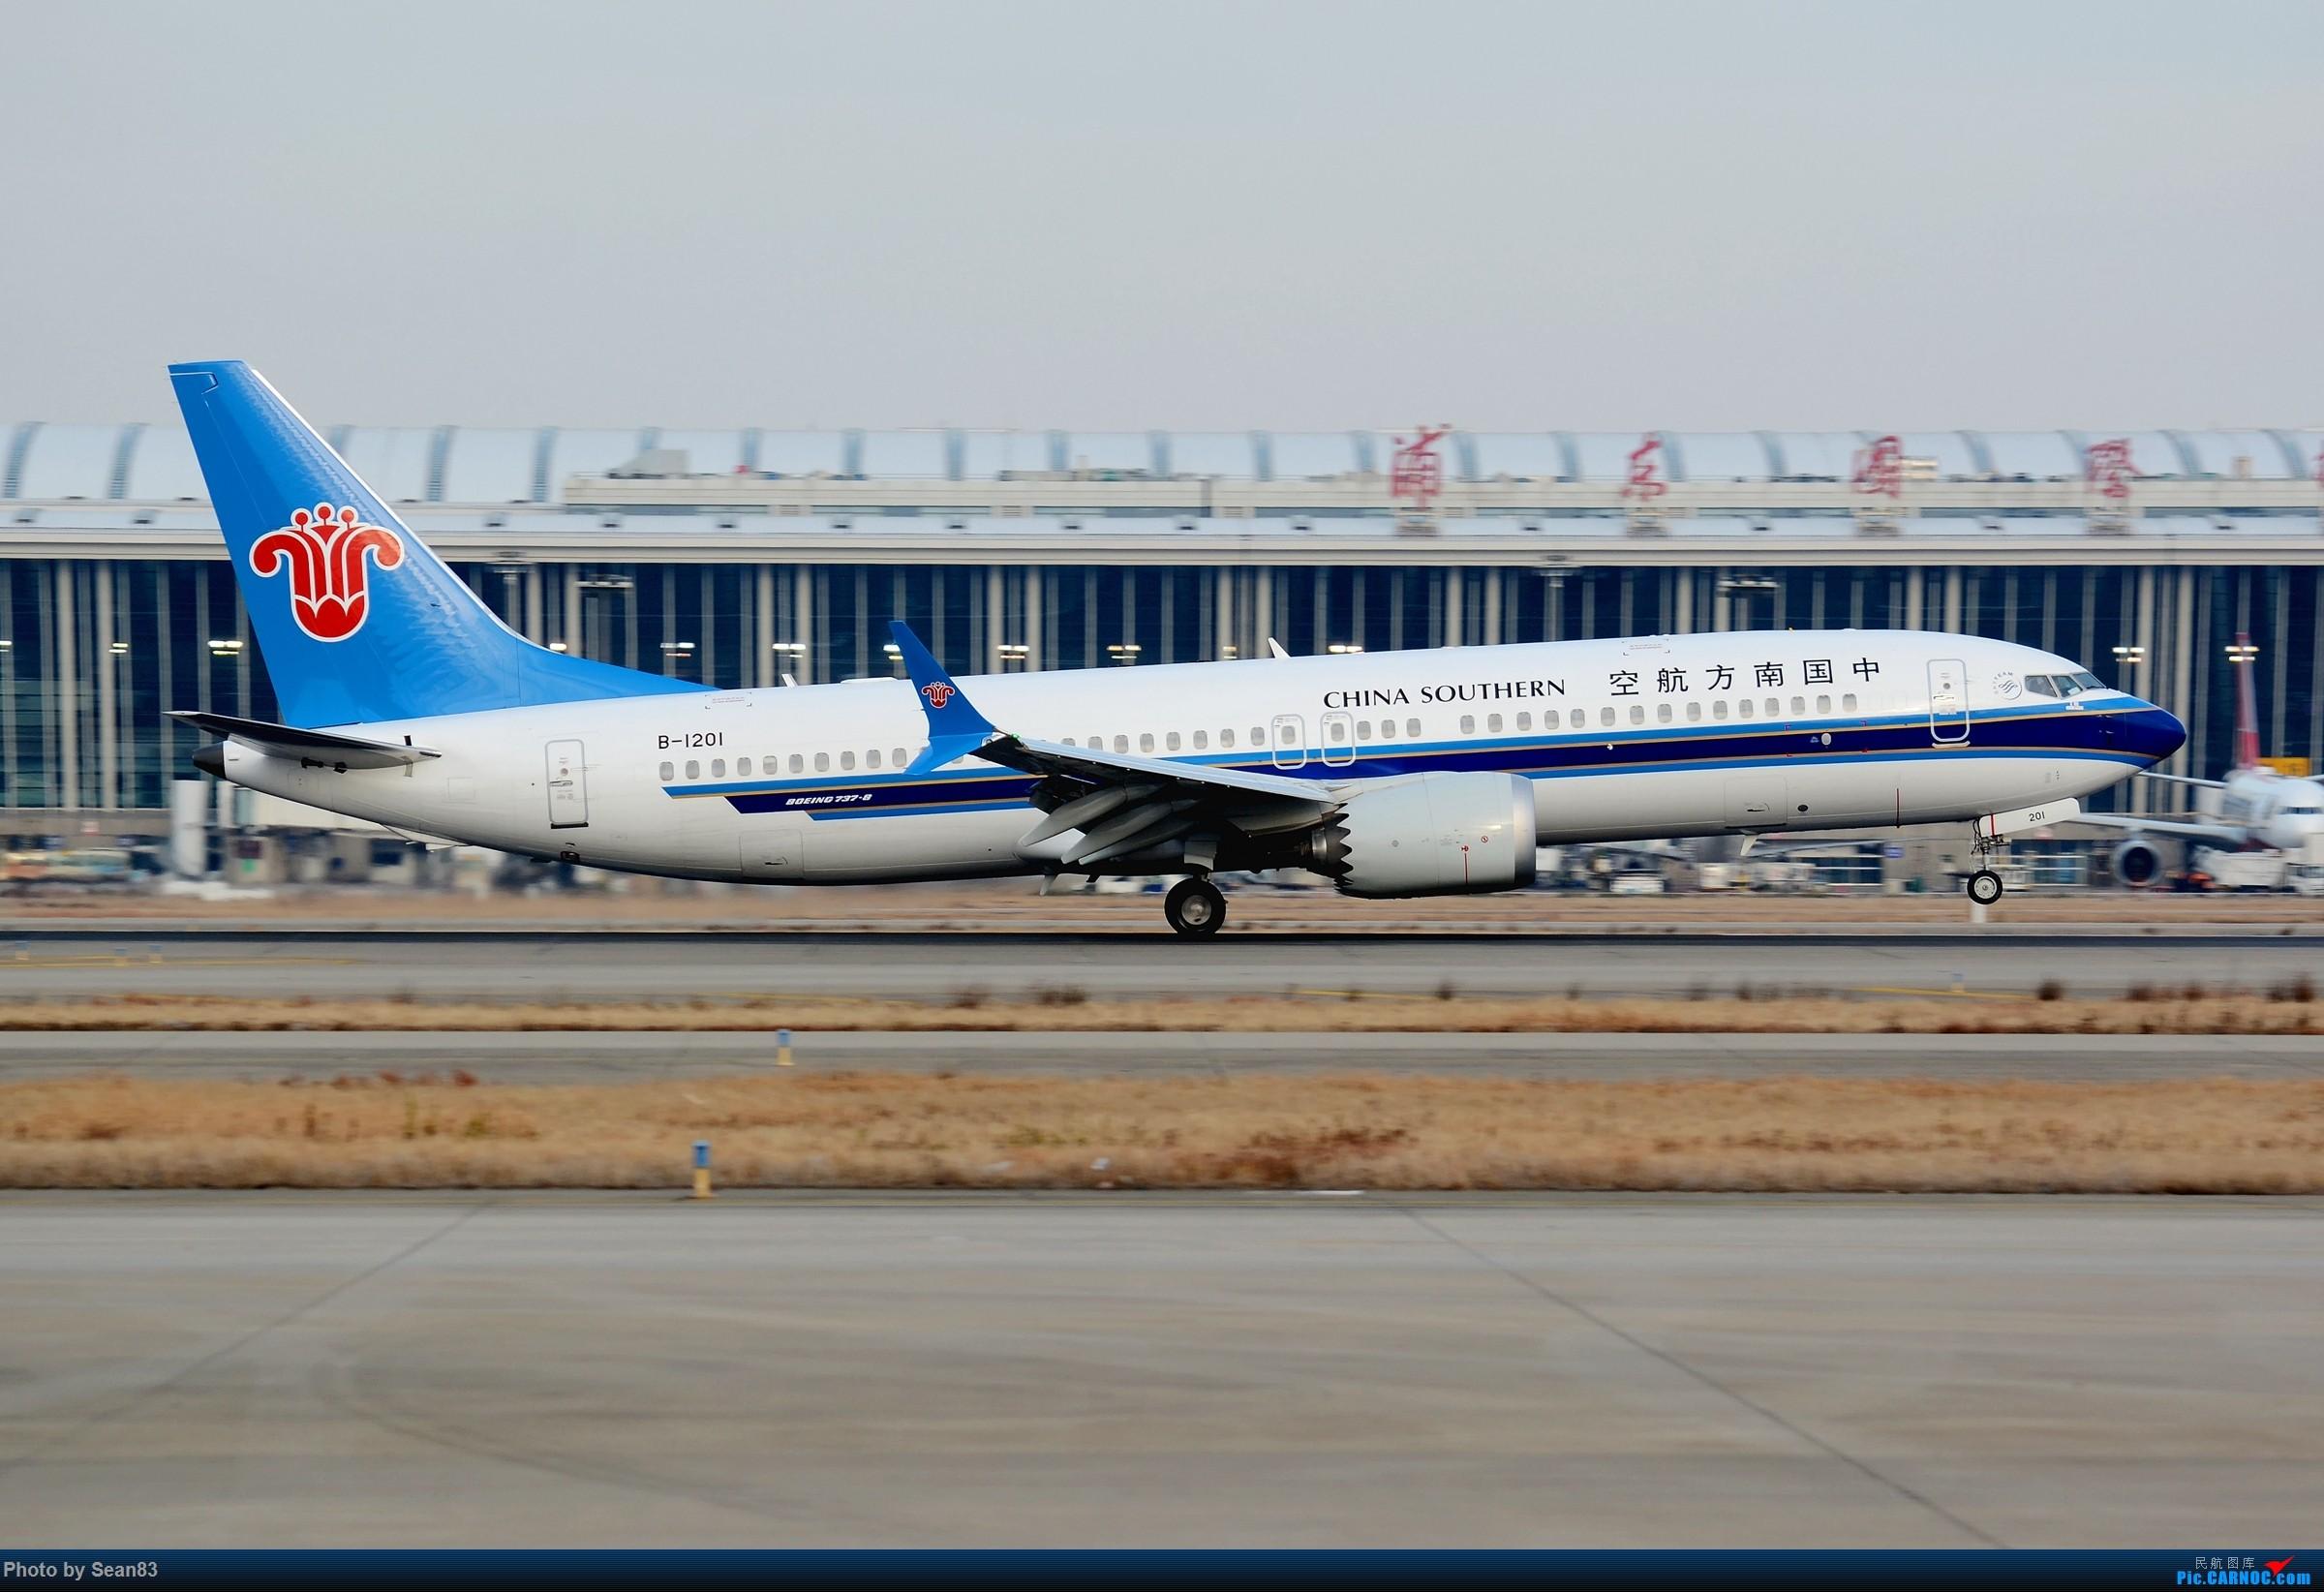 [原创](PVG)南航的MAX BOEING 737MAX-8 B-1201 上海浦东国际机场